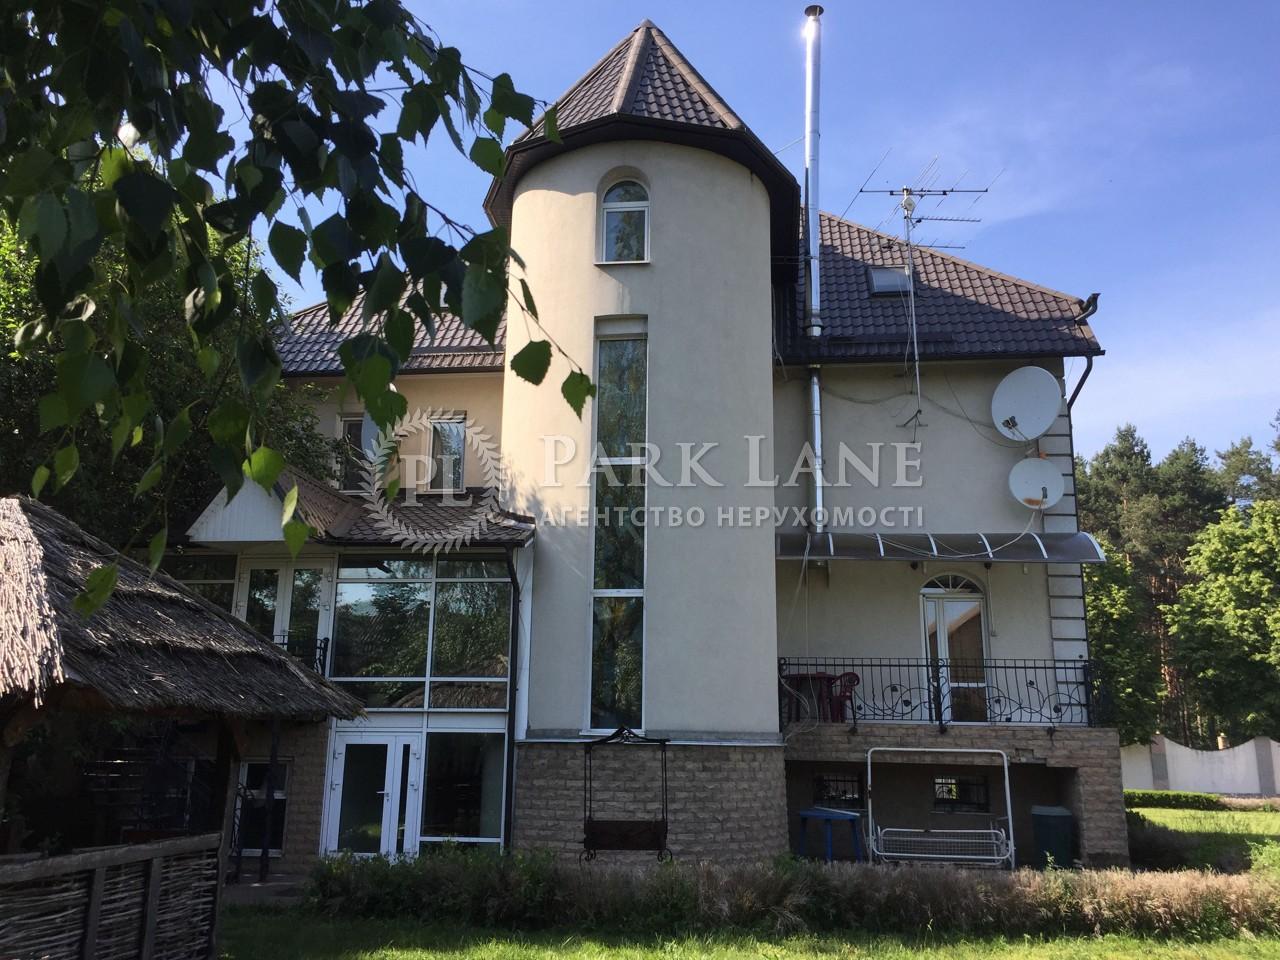 Дом ул. Северная, Петропавловская Борщаговка, R-22137 - Фото 1